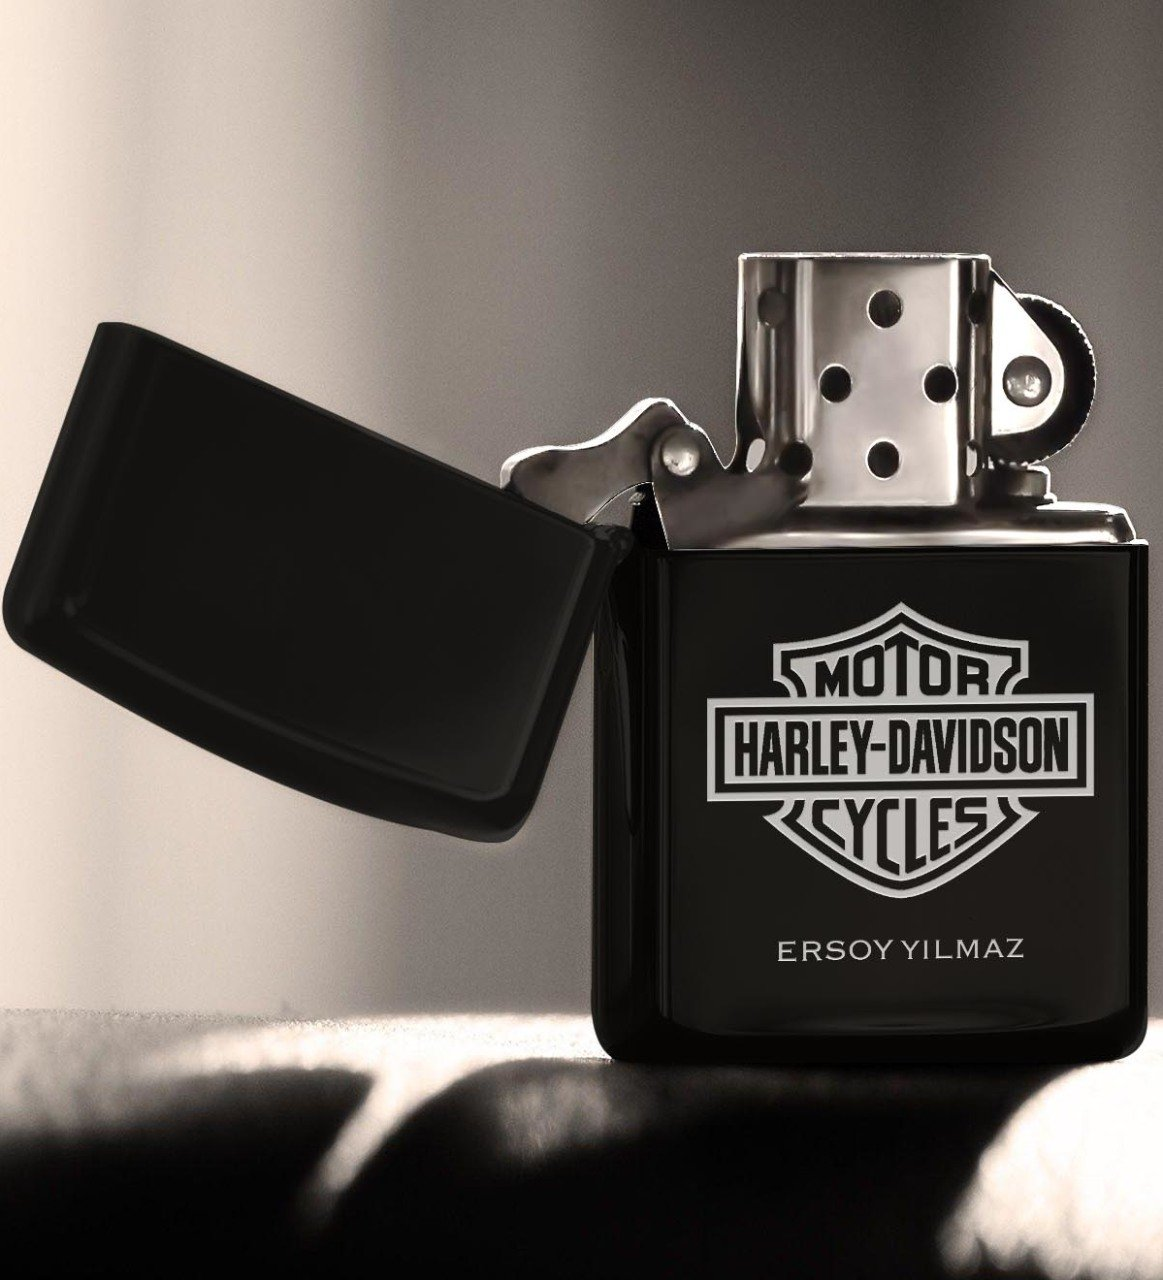 Personalized Harley Davidson Gasoline Black Metal Cigarette Lighter Cigar Accessories     - title=